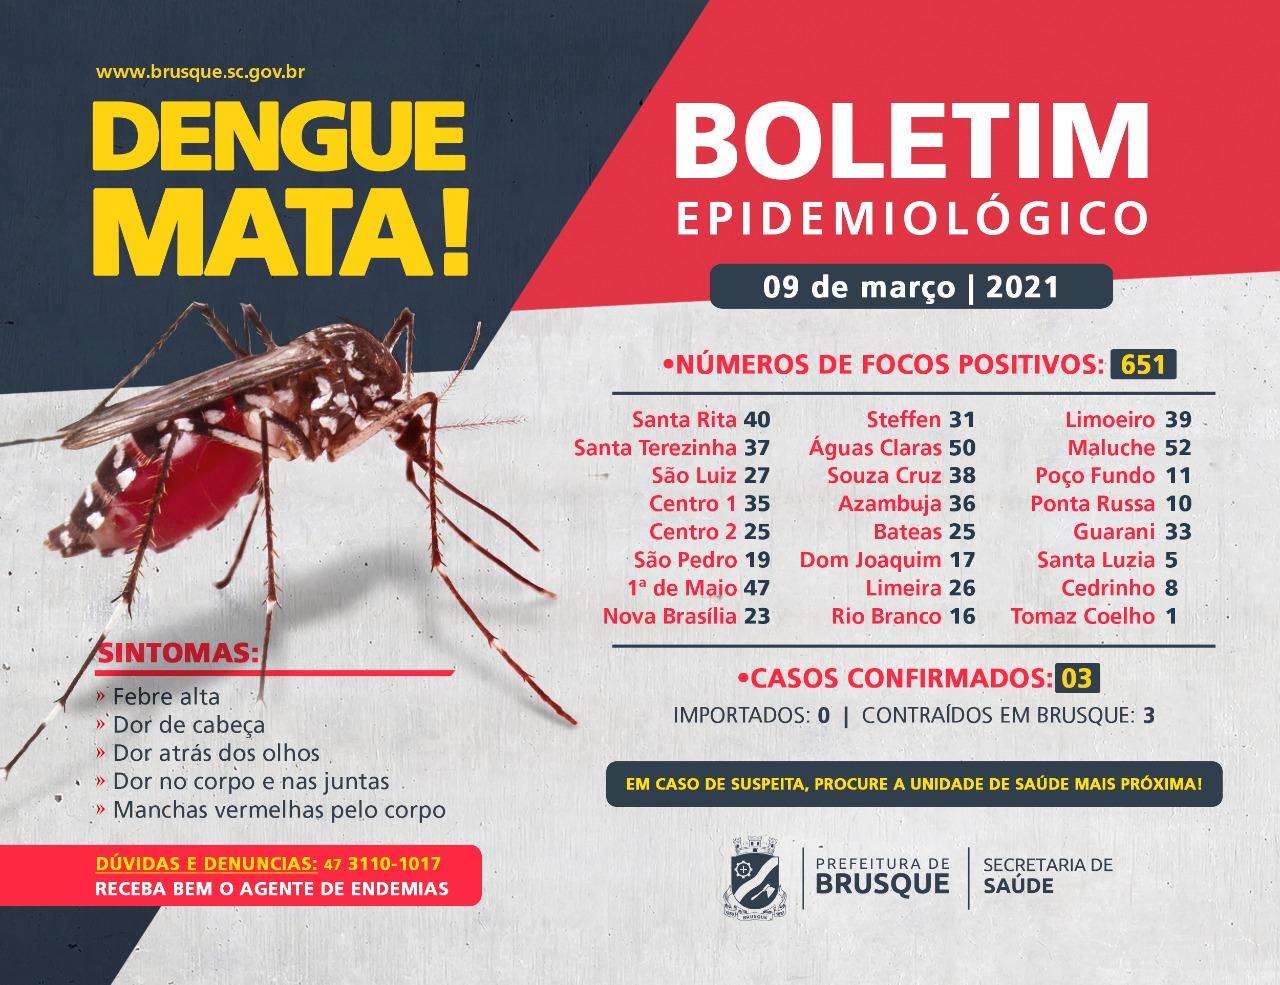 Confira o boletim epidemiológico da dengue desta terça-feira (9)